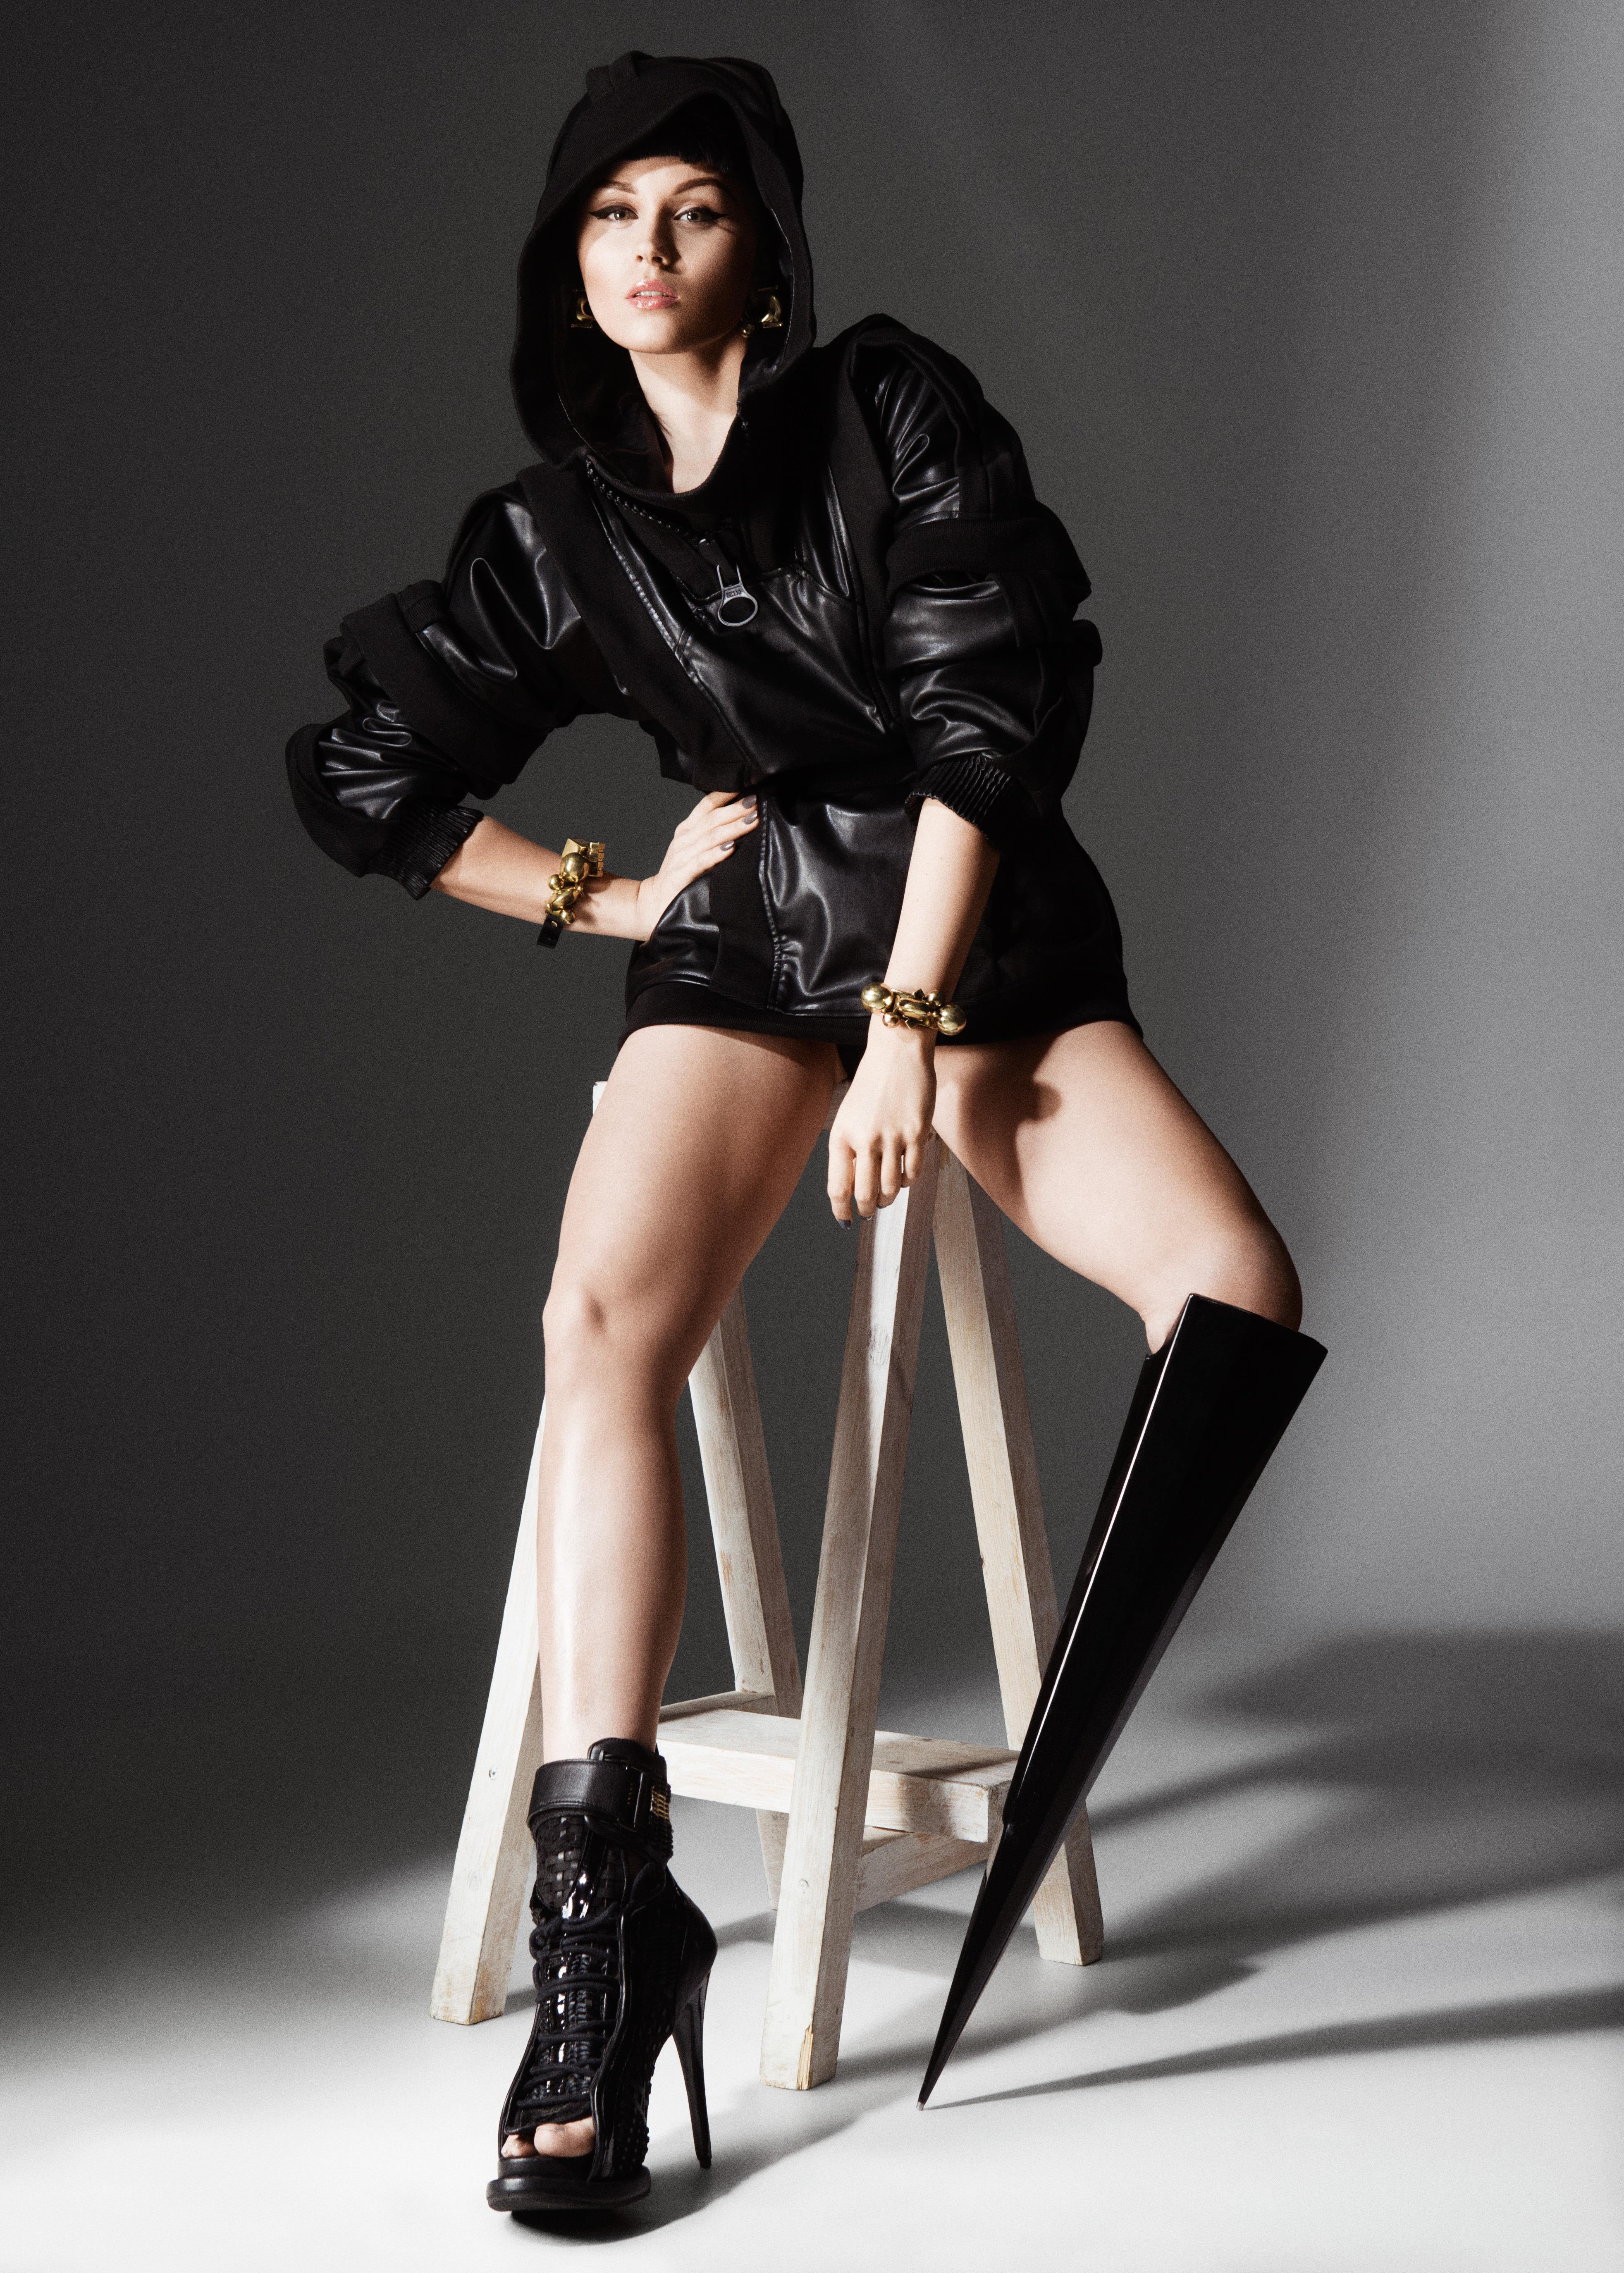 """A artista Viktoria Modesta veste """"The Spike"""", perna biônica criada por Sophie de Oliviera de Barata, do Alternative Limb Project"""